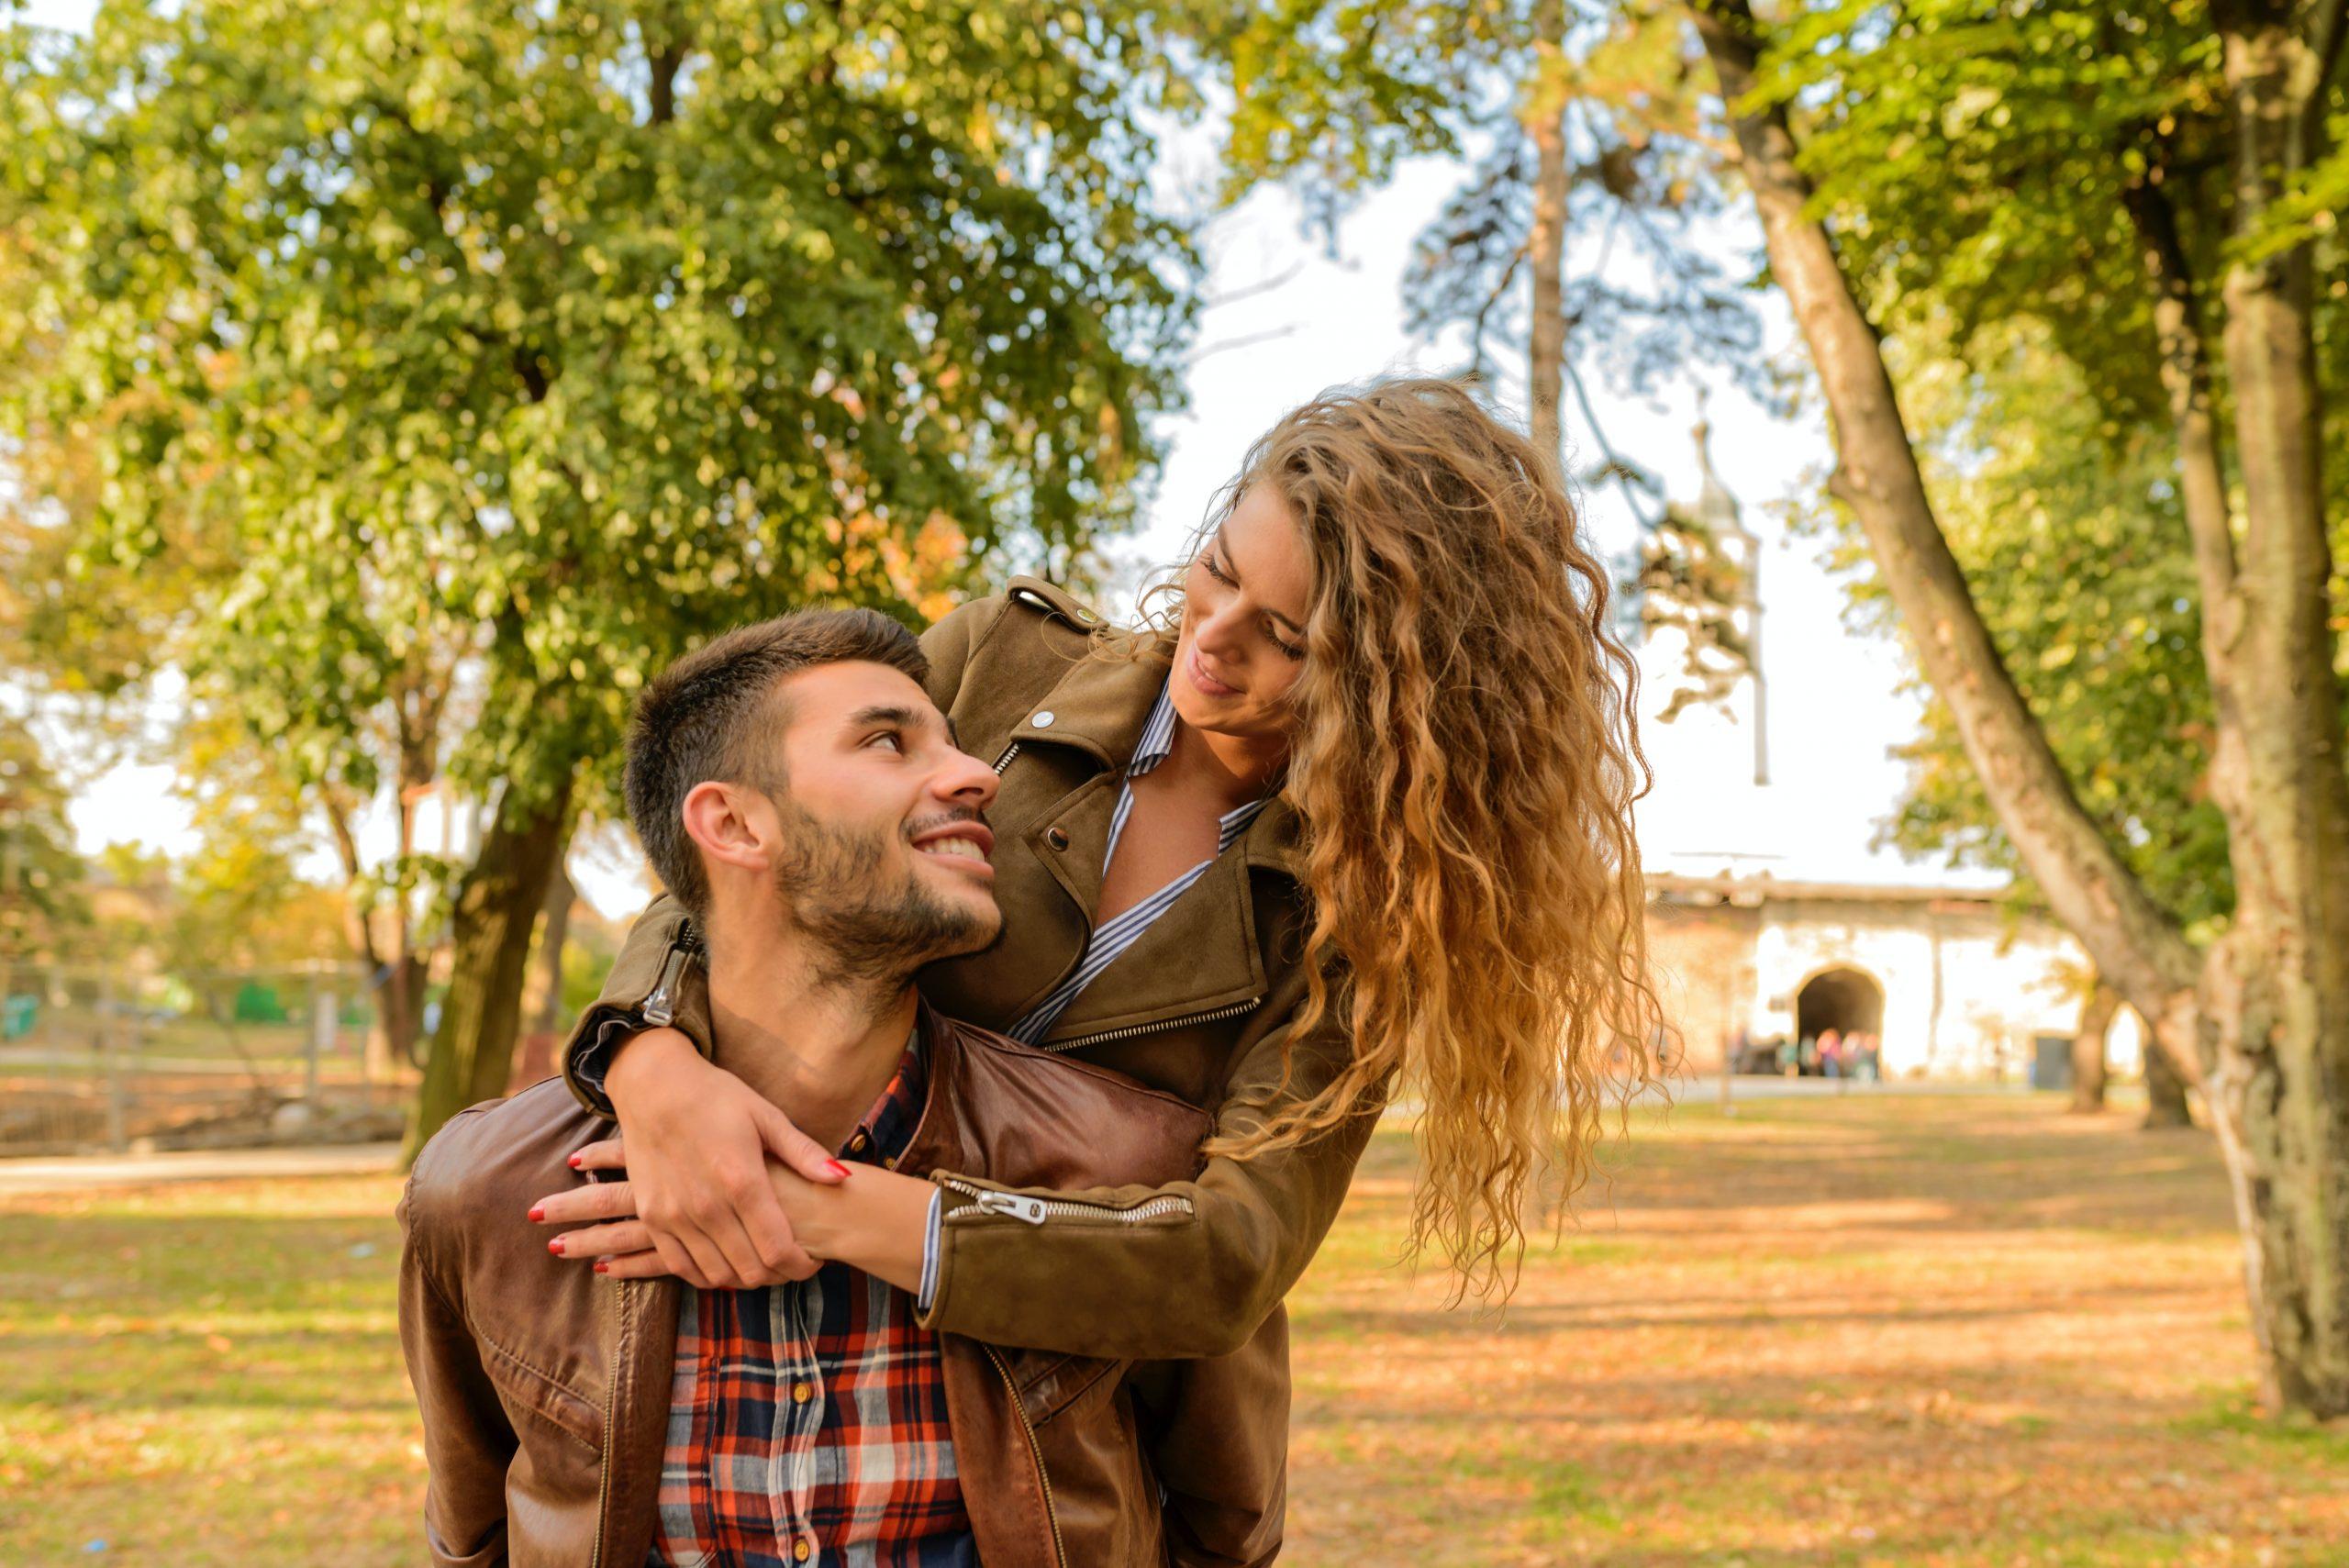 CUTE SPANISH ROMANTIC IMAGES